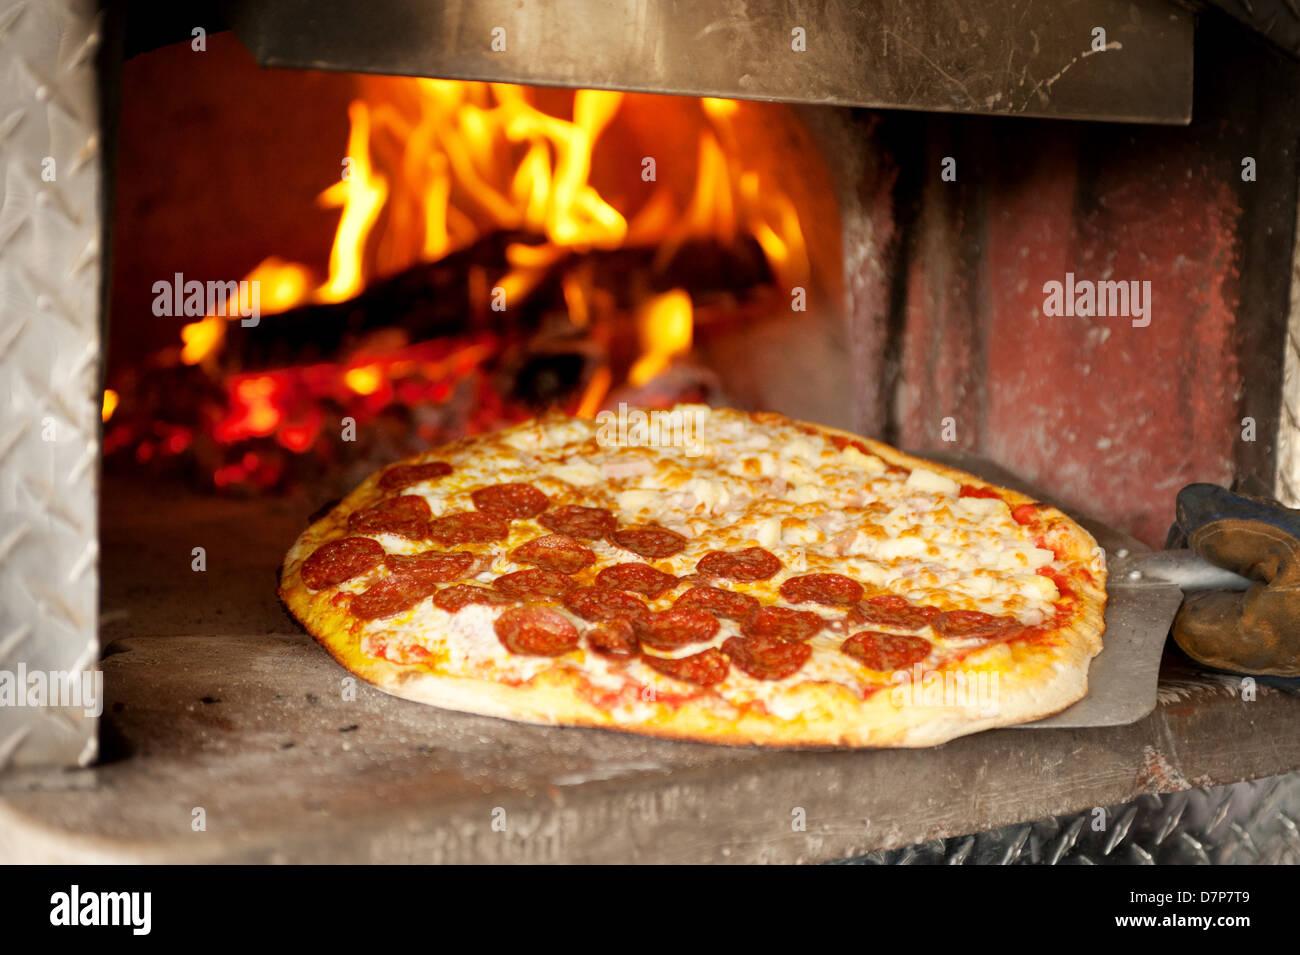 Una salsiccia per pizza pizza cuoce in forno a legna per la pizza. Immagini Stock